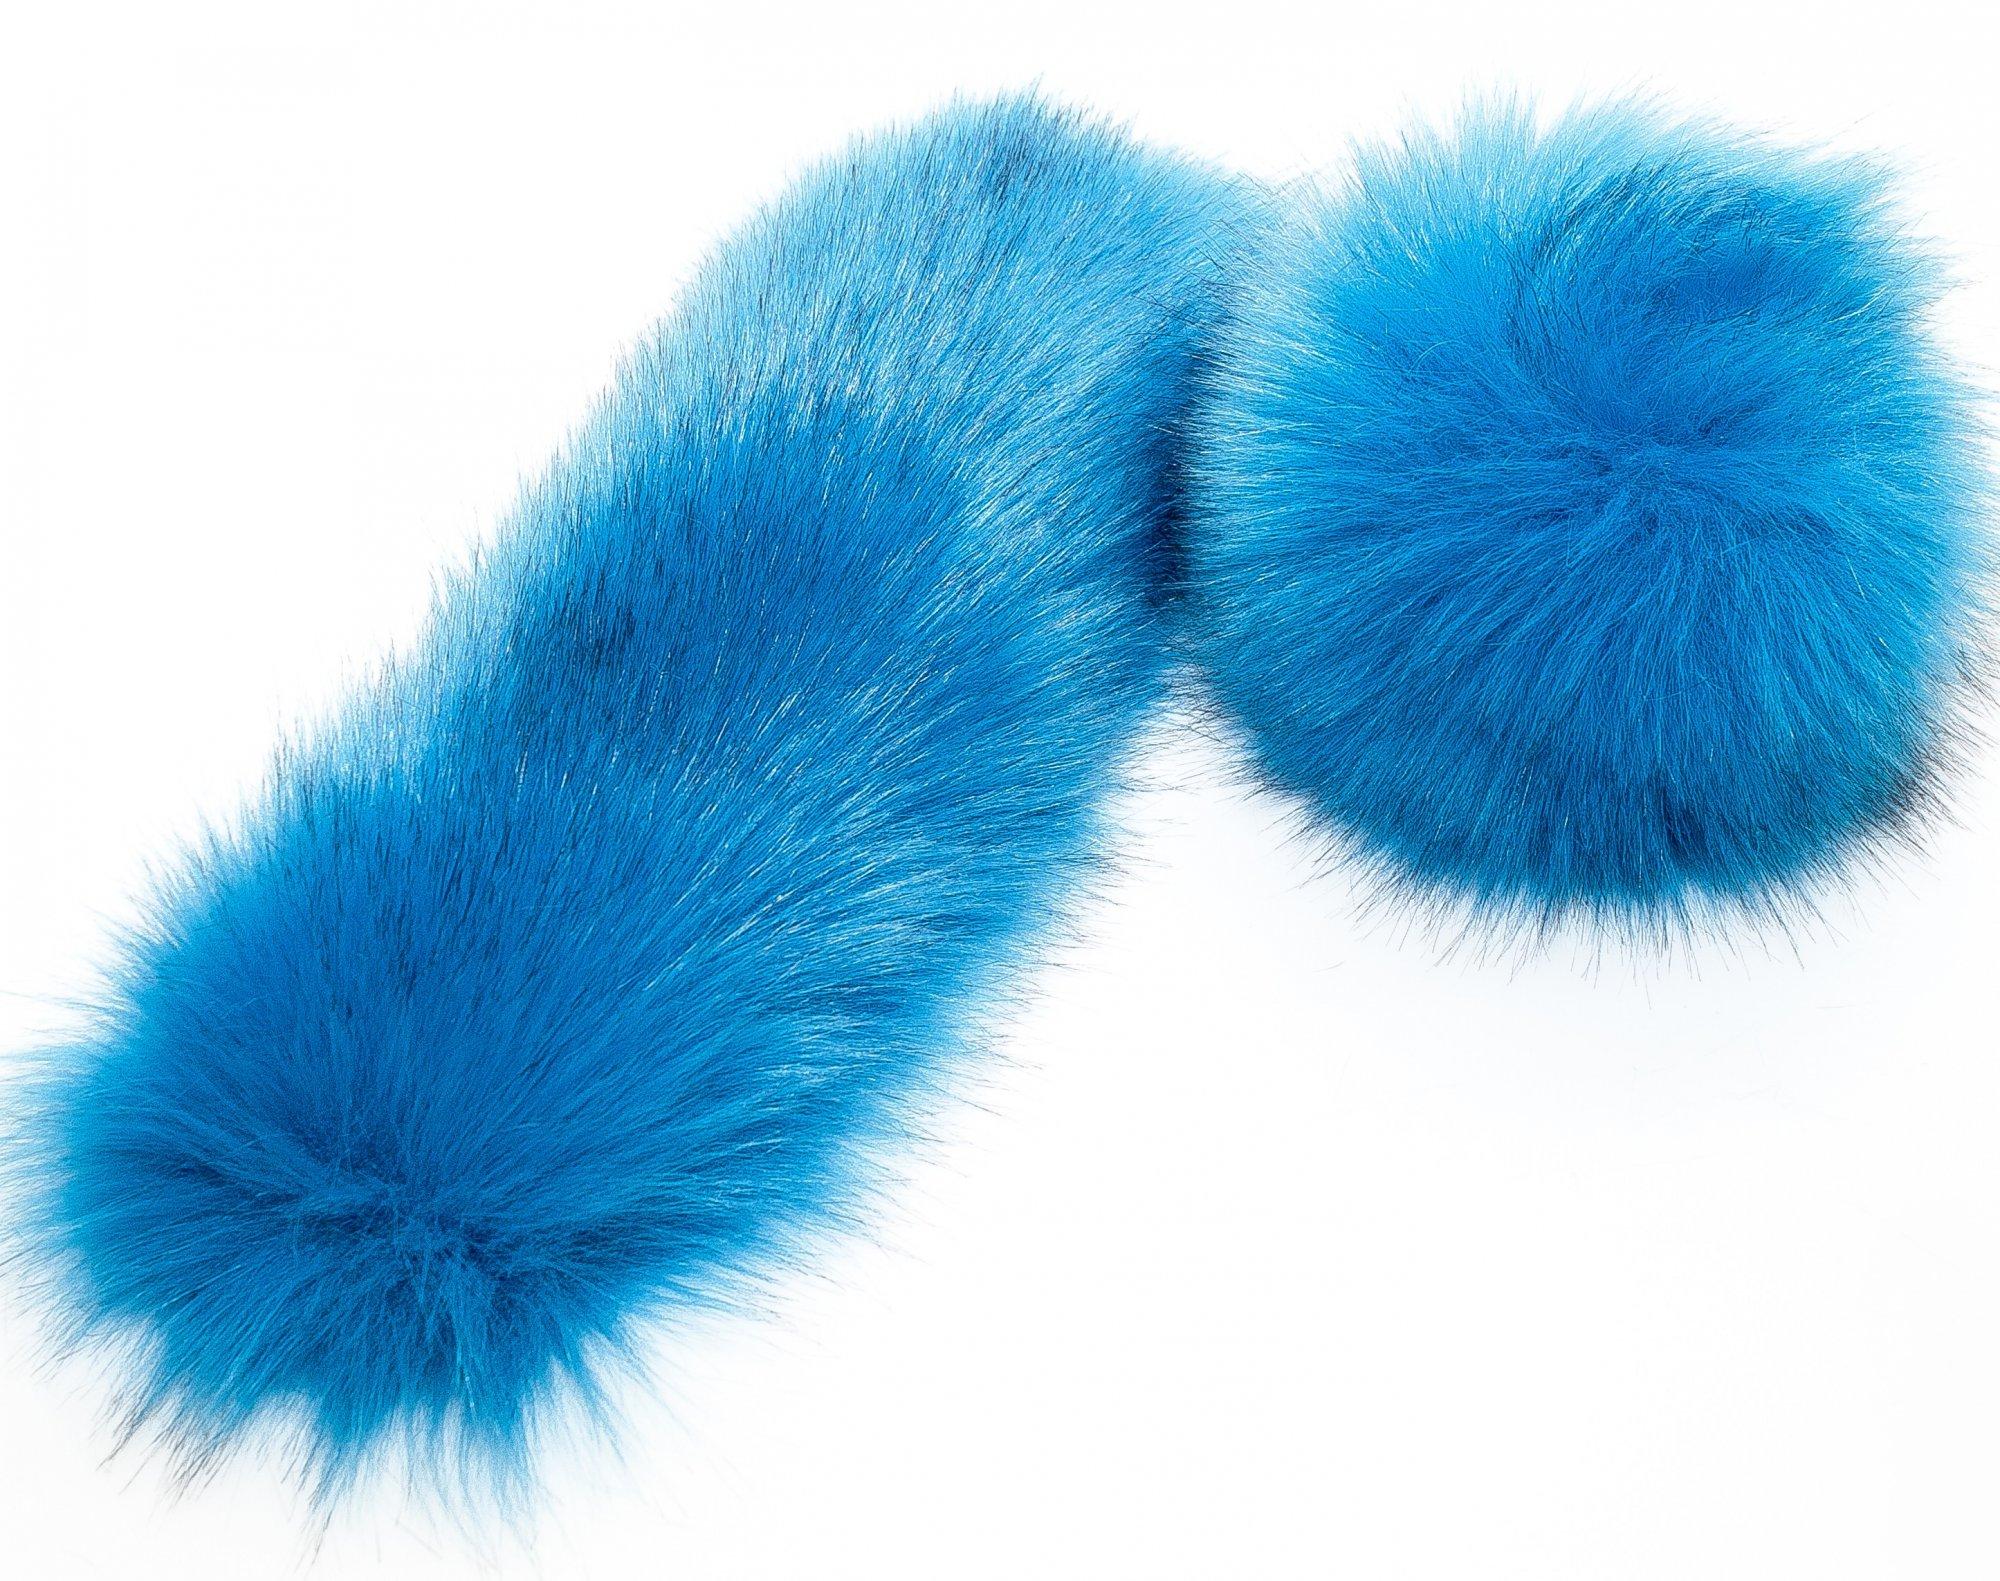 LOVaFUR Handmade Vegan Fur Cuff - Premium Fox - Ocean Blue